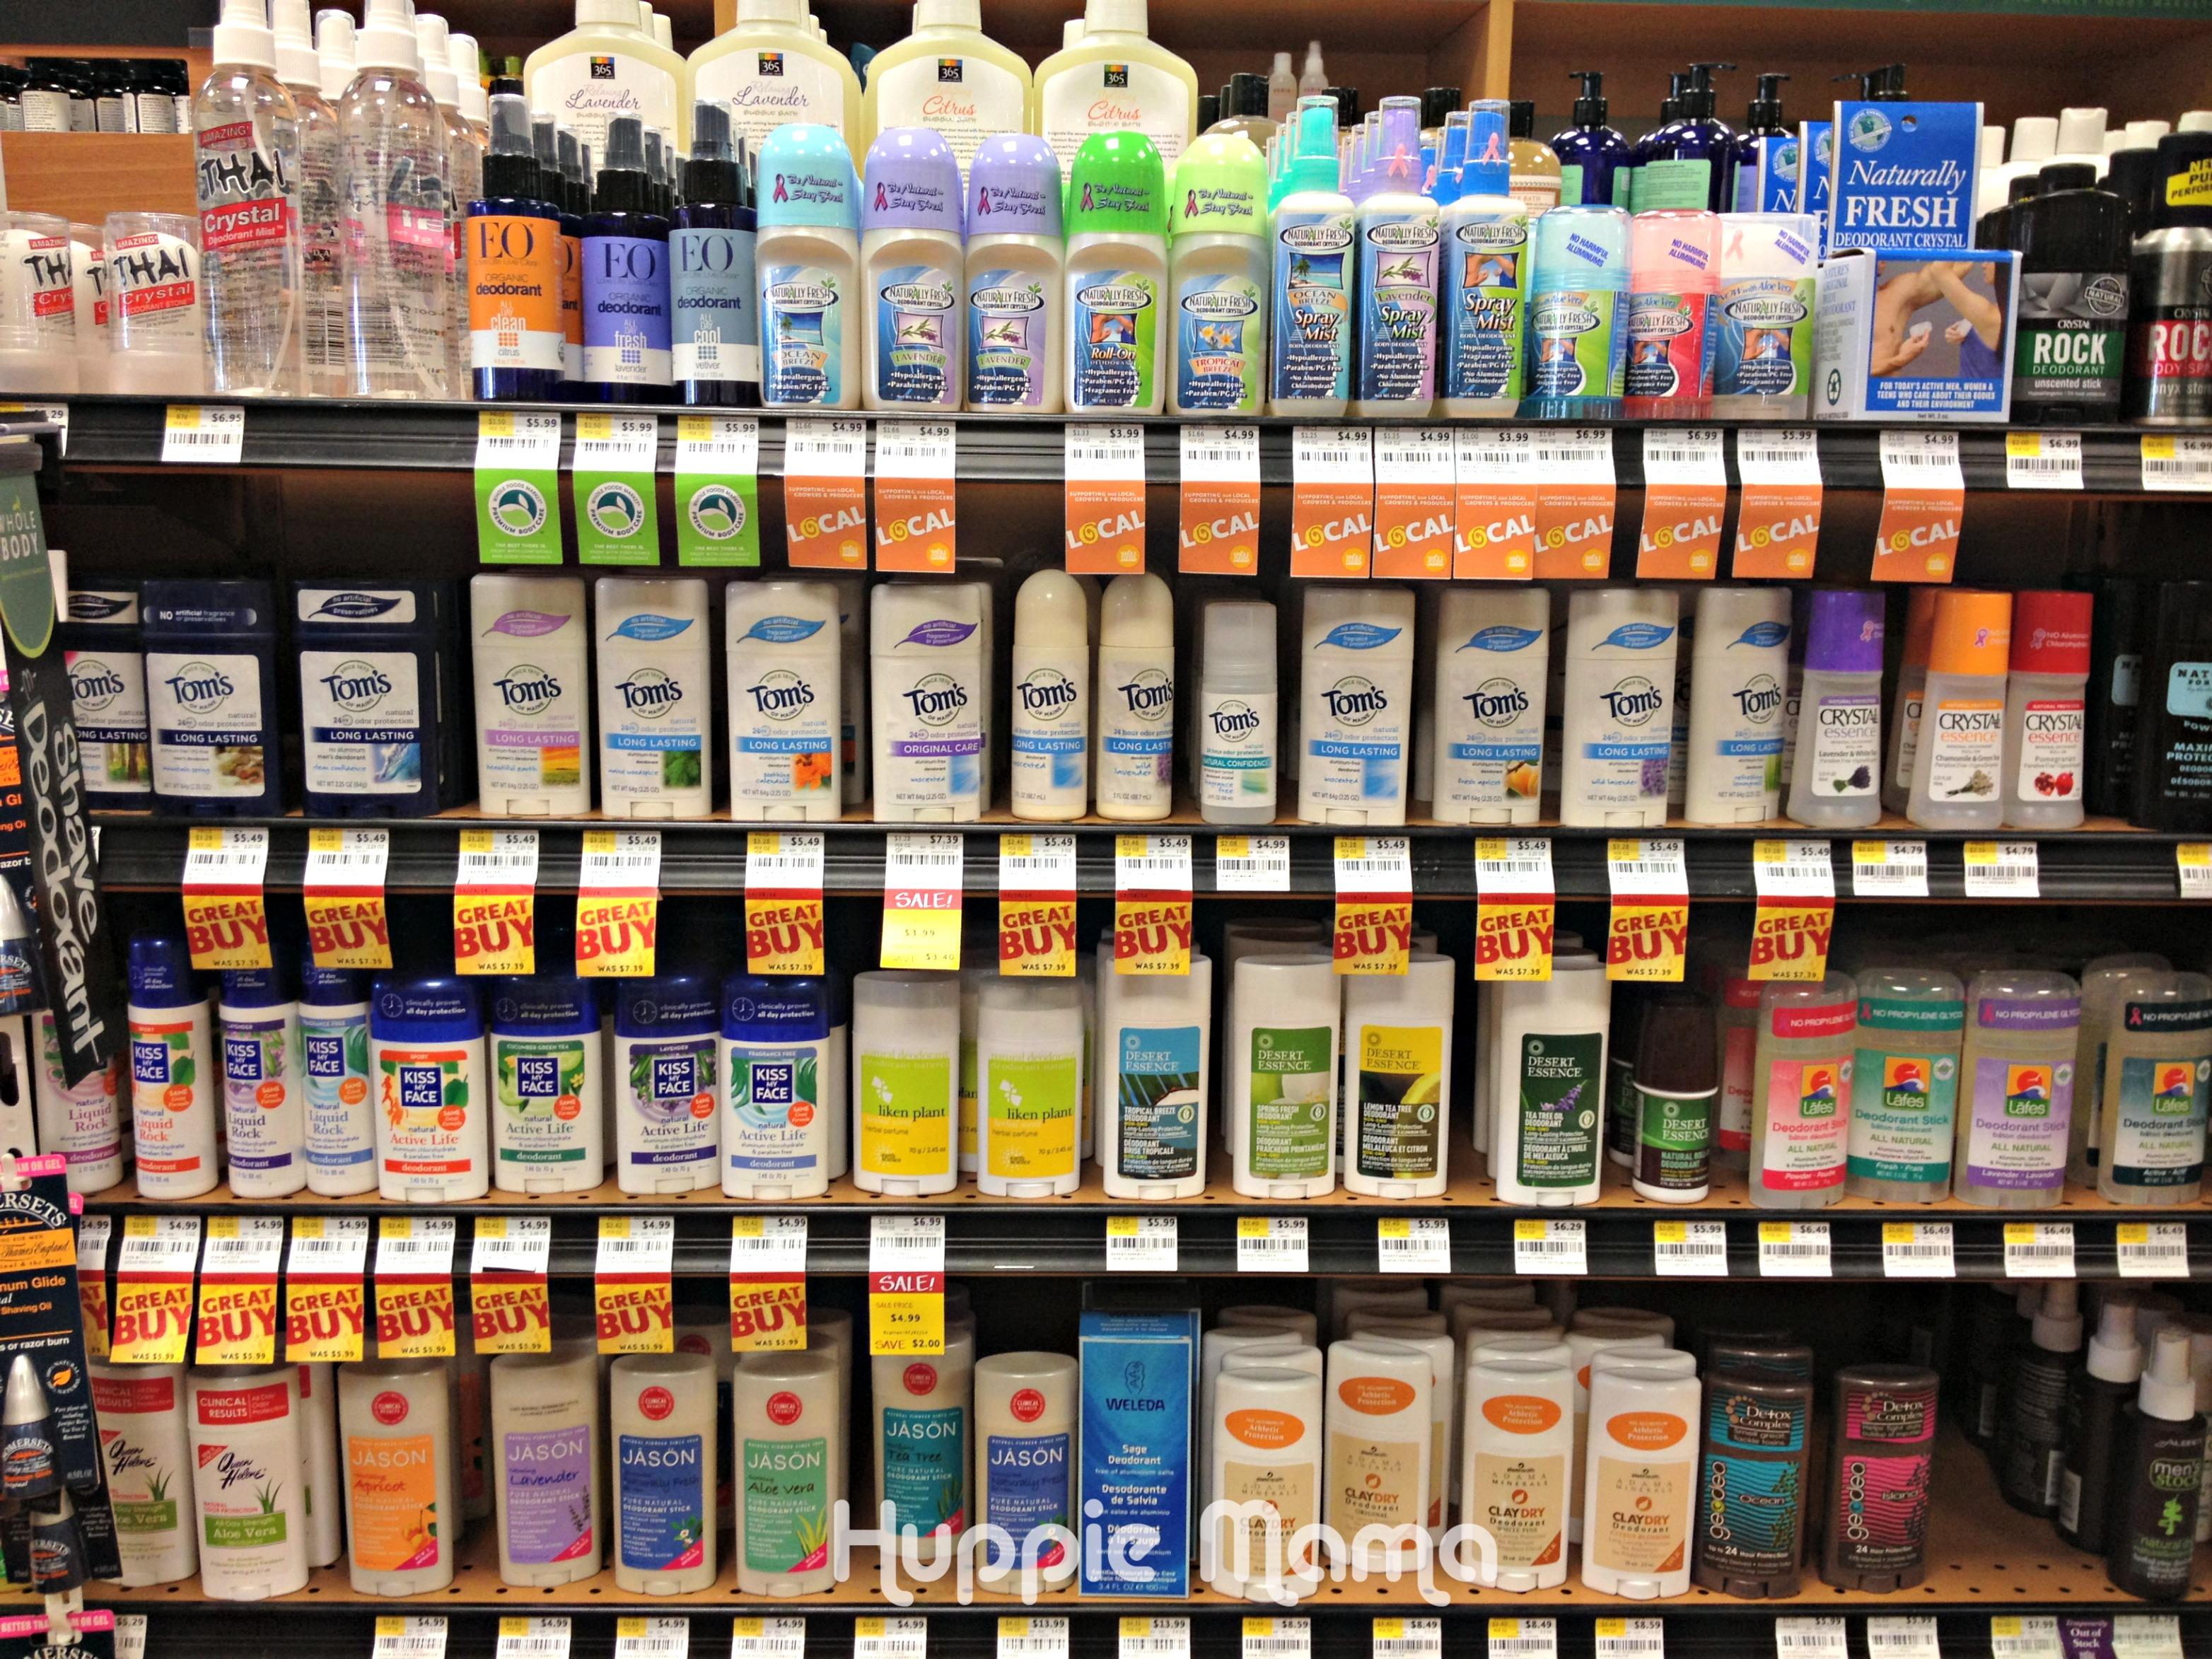 Whole Foods Shampoo Aisle